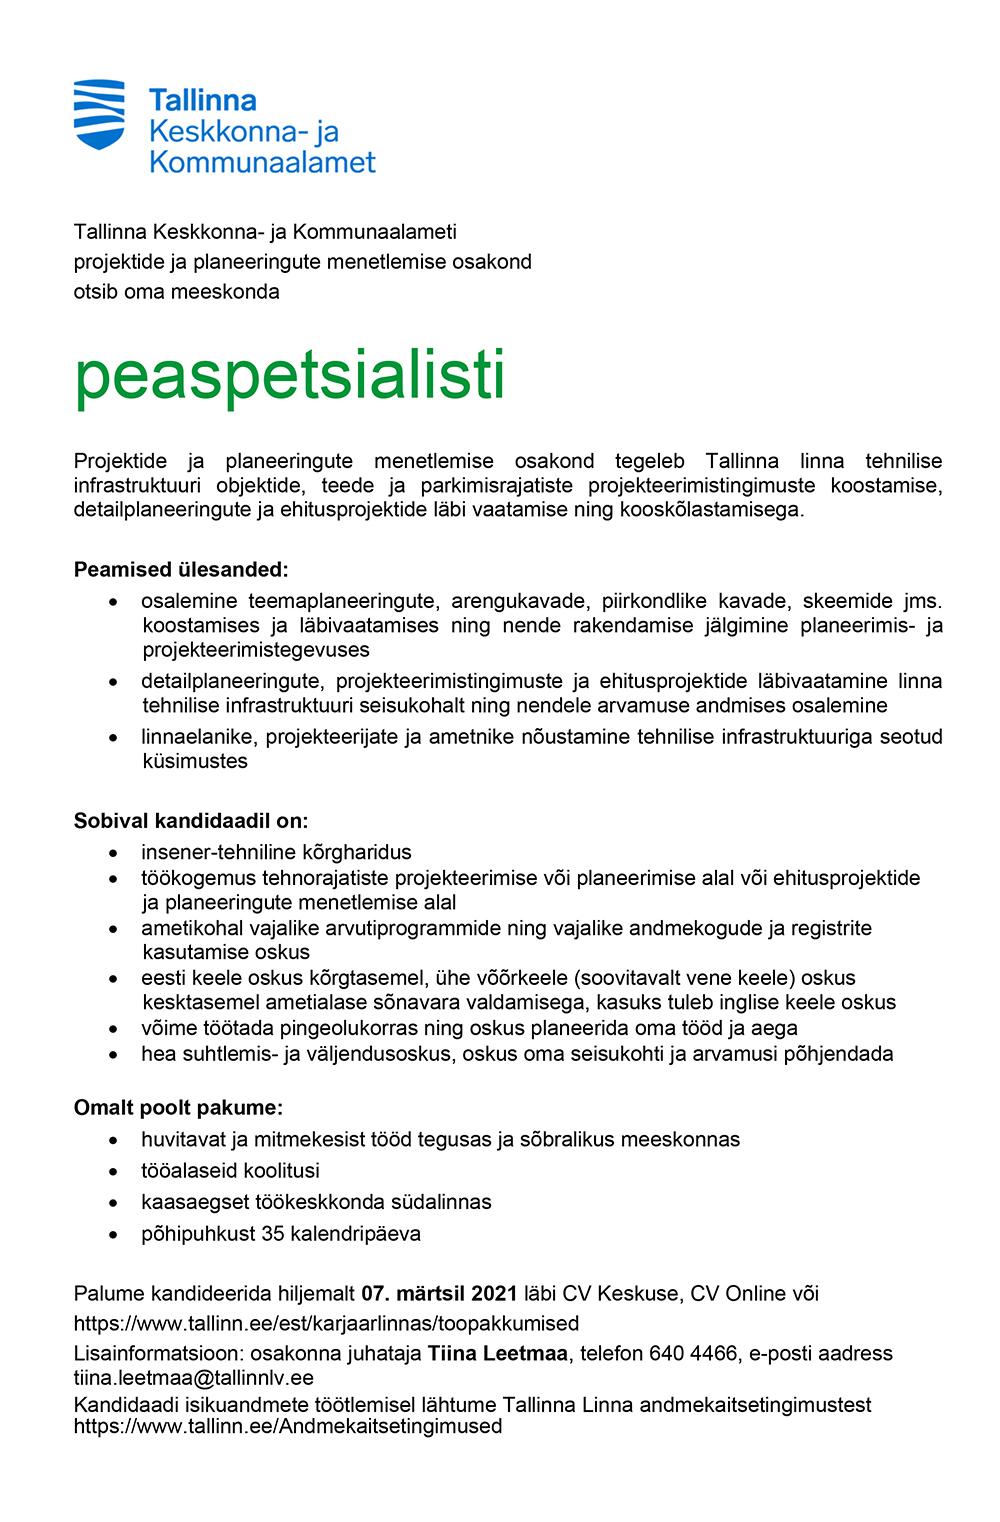 PEASPETSIALIST